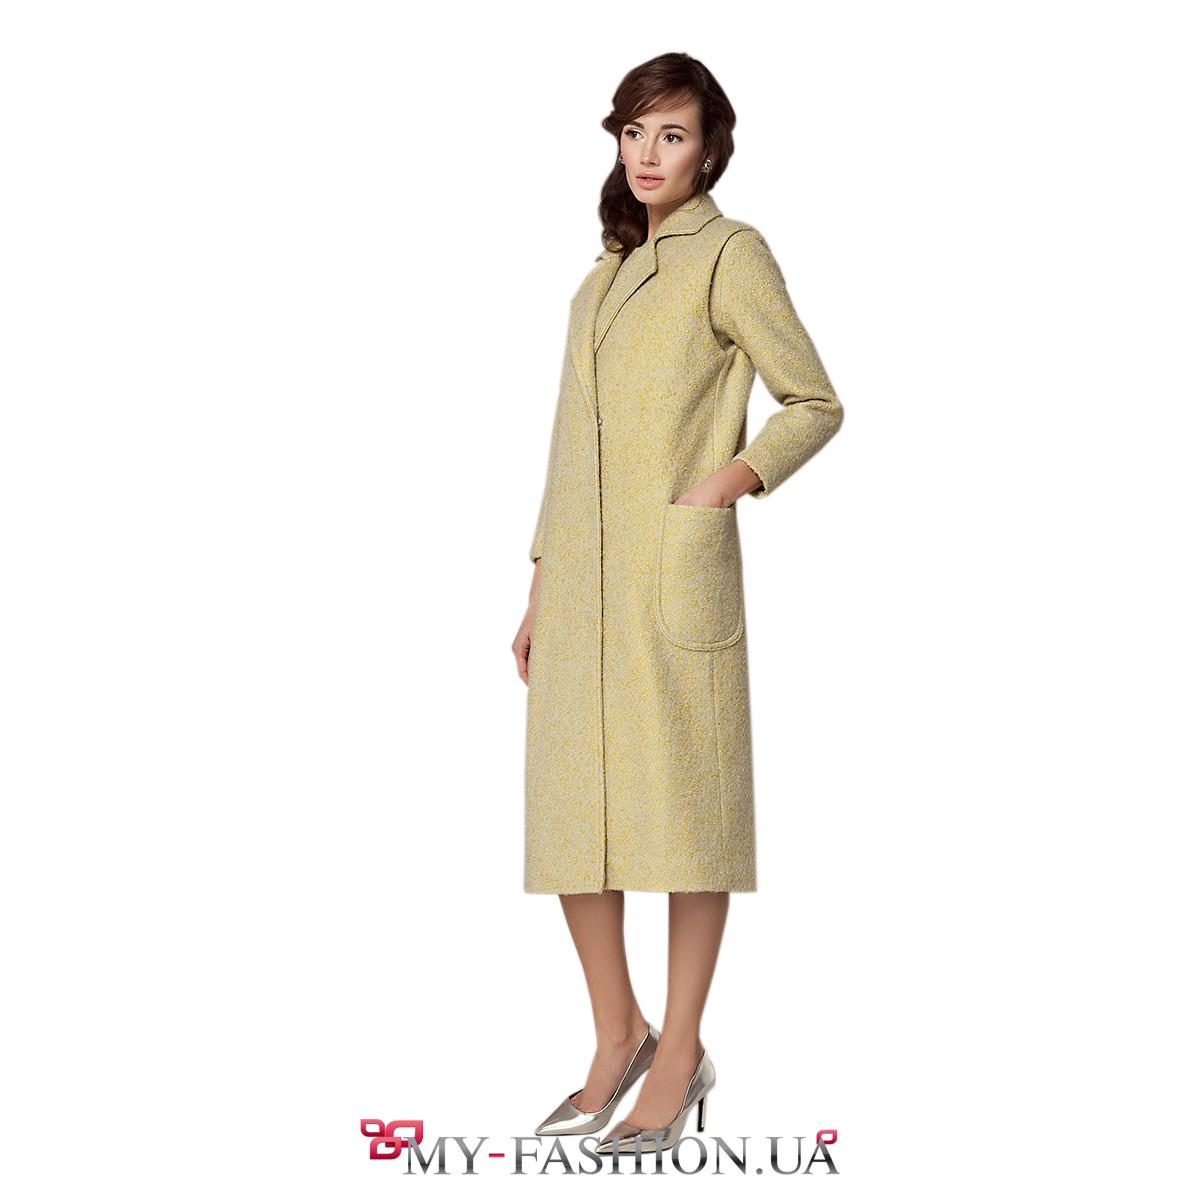 Женское платье большого размера спб